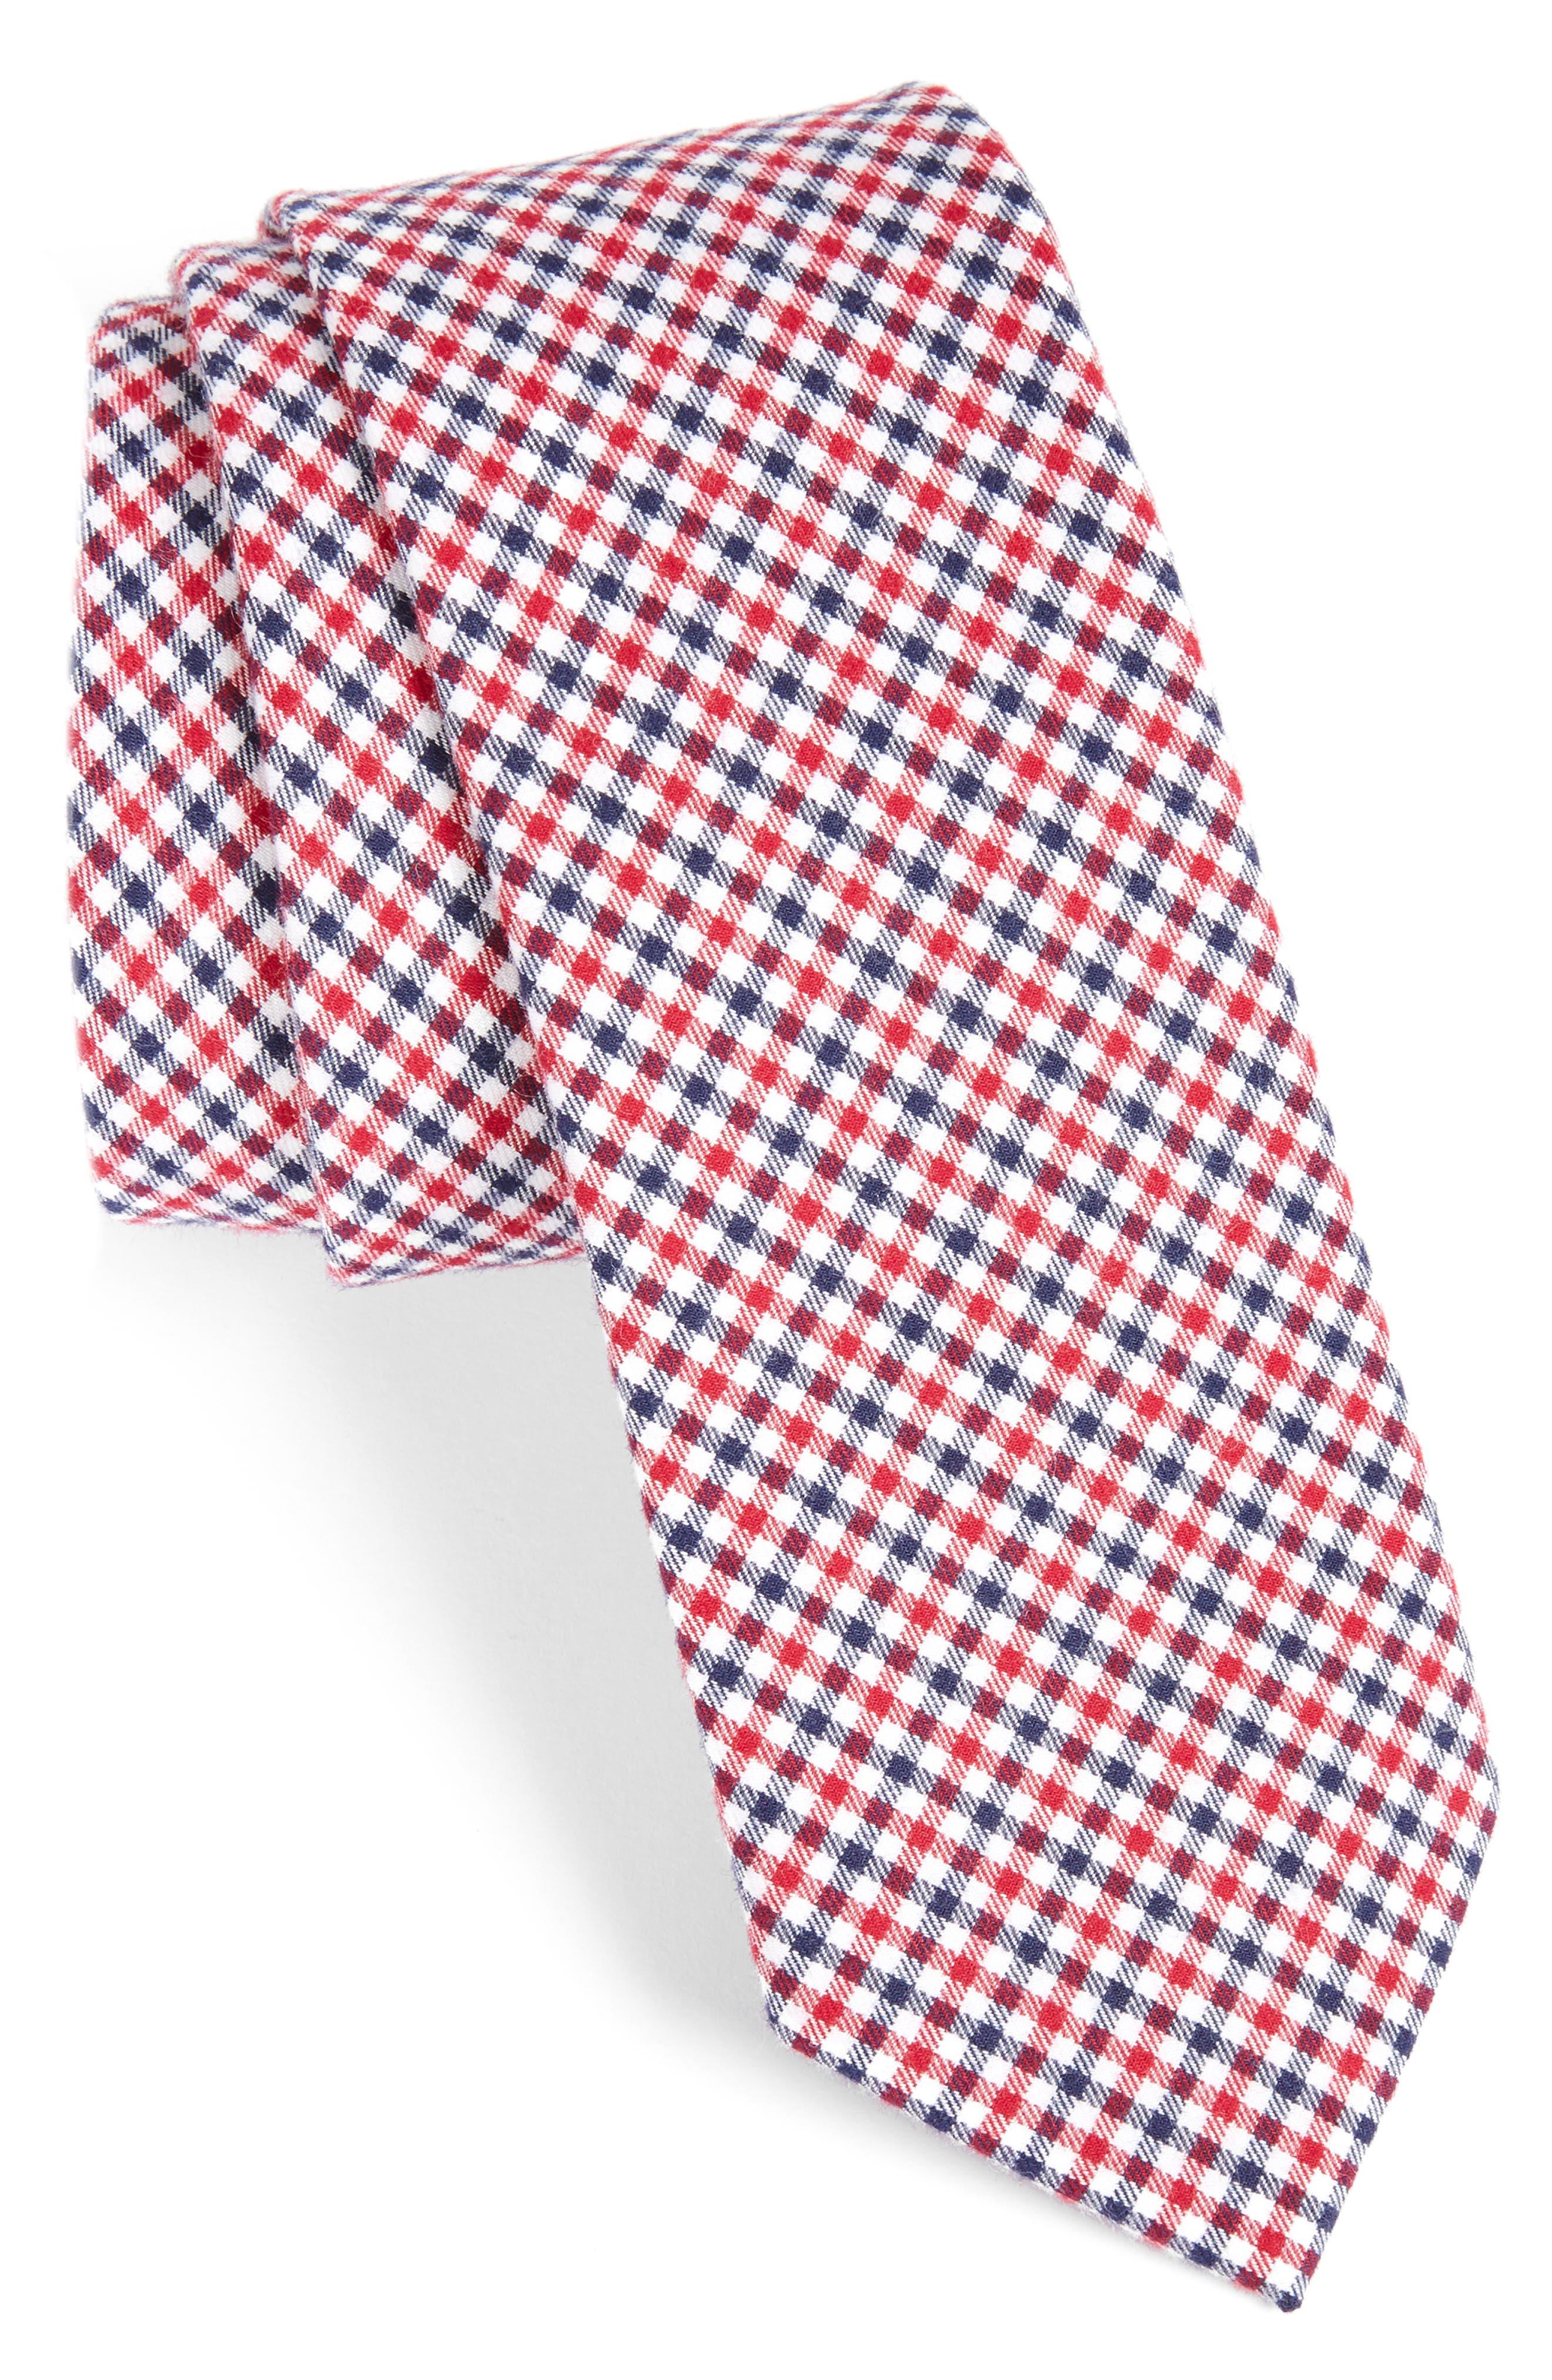 Plaid Cotton Tie,                         Main,                         color, Red